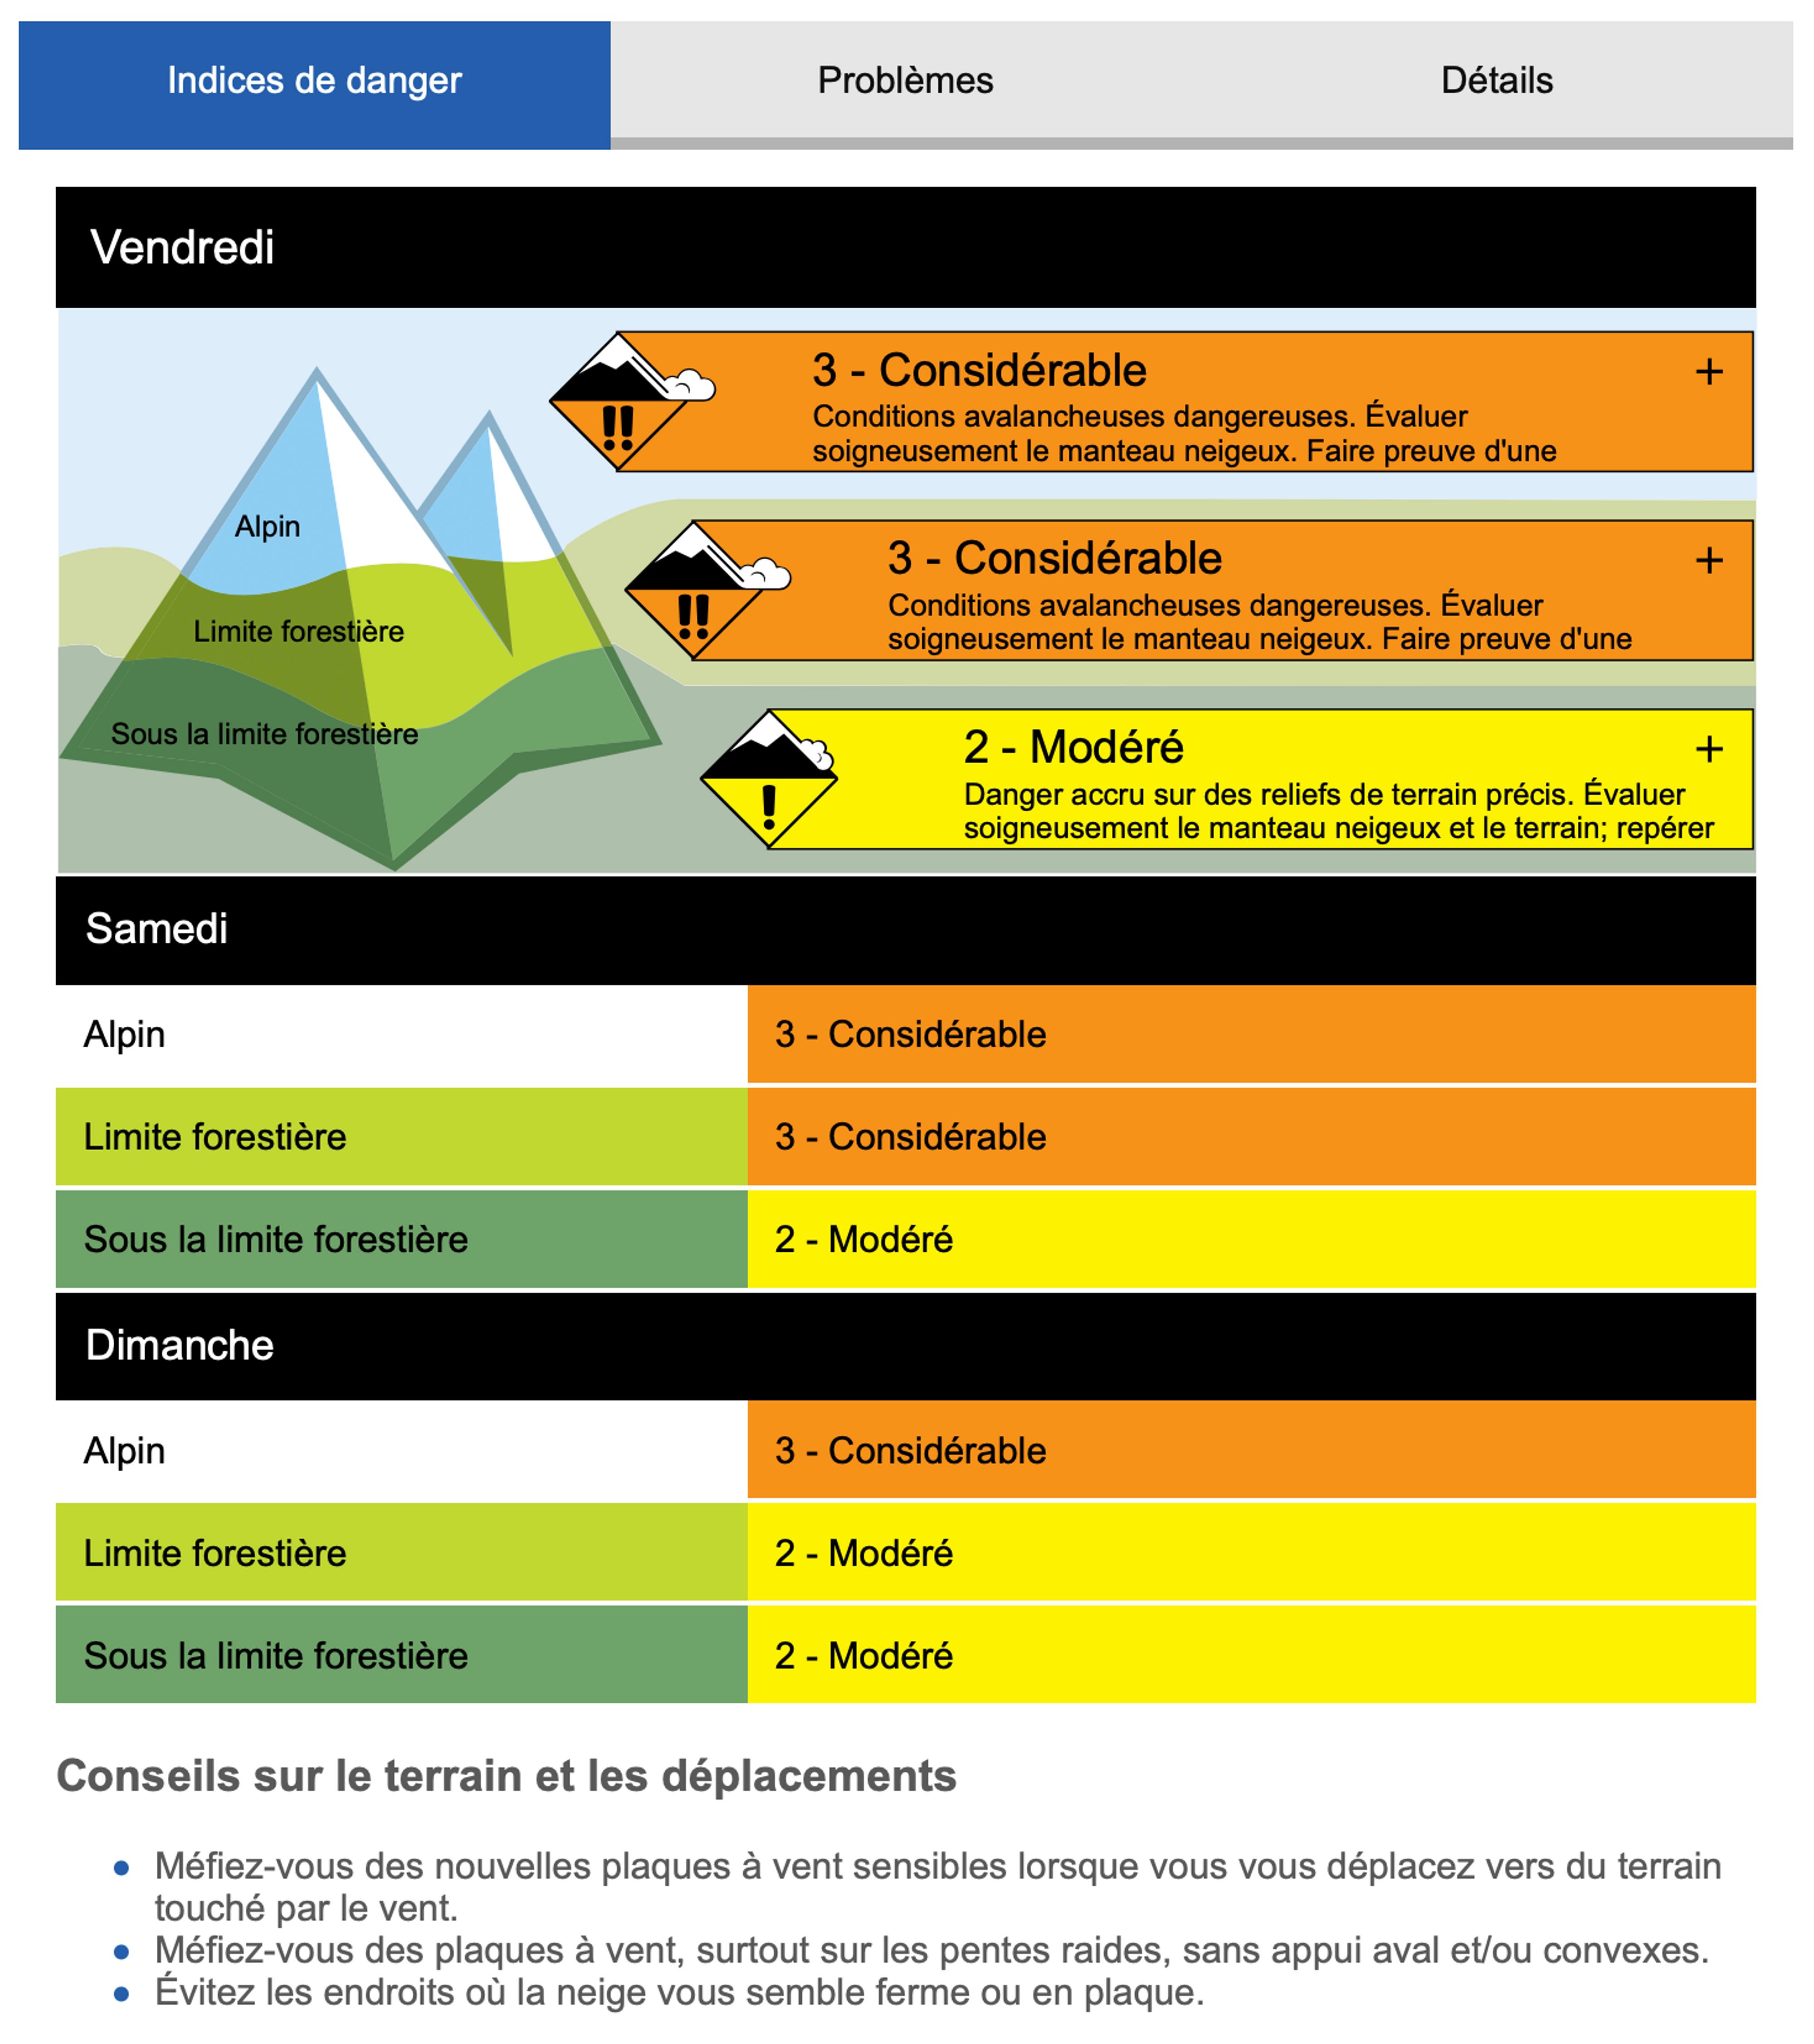 La première page de la prévision d'avalanche vous donne un aperçu des risques d'avalanche de la journée ainsi que la tendance des deux prochains jours.